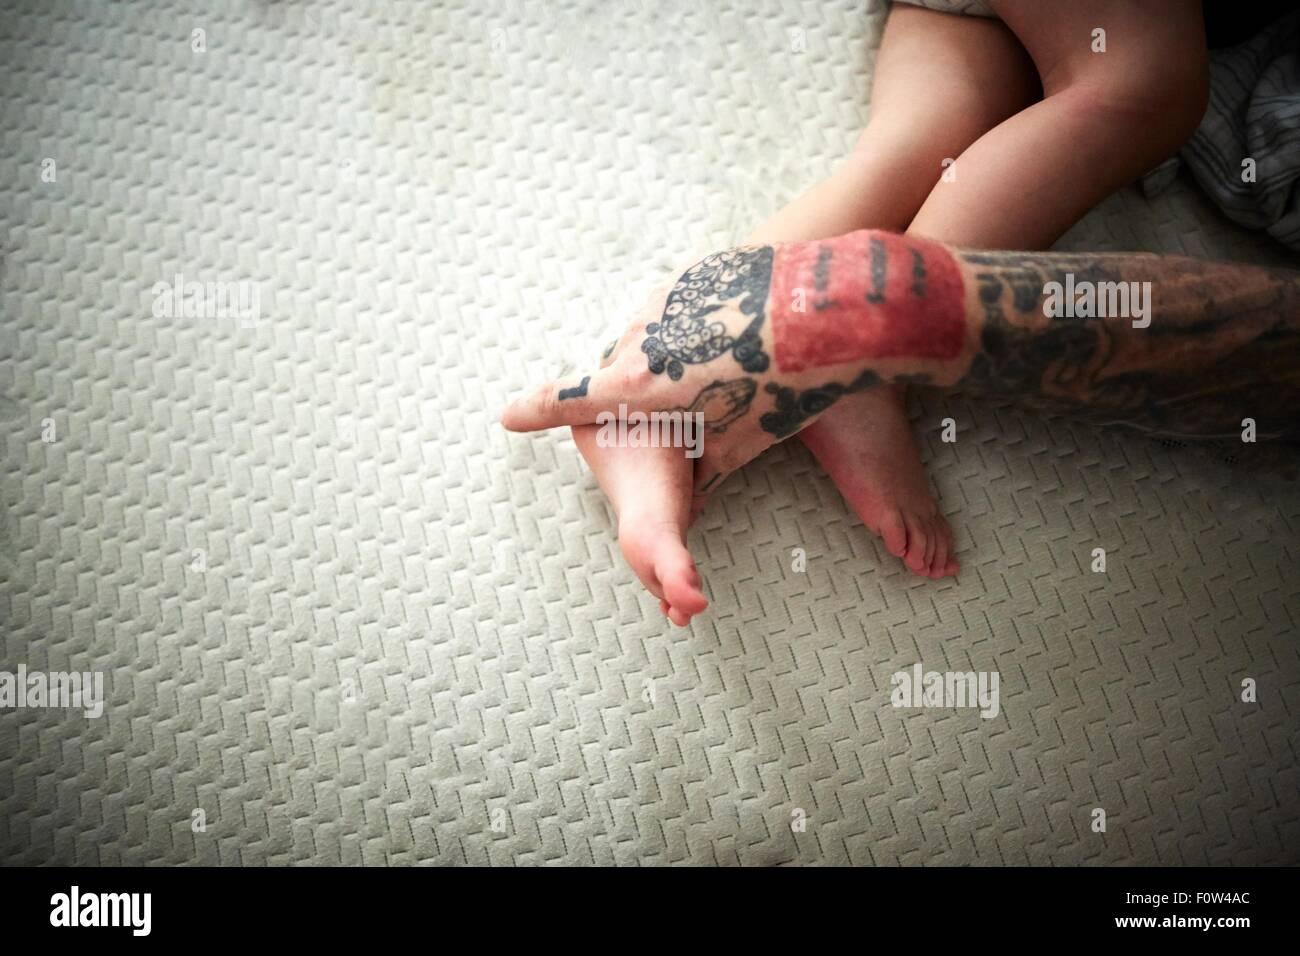 Tatuado mano apoyada en las piernas del muchacho. Imagen De Stock